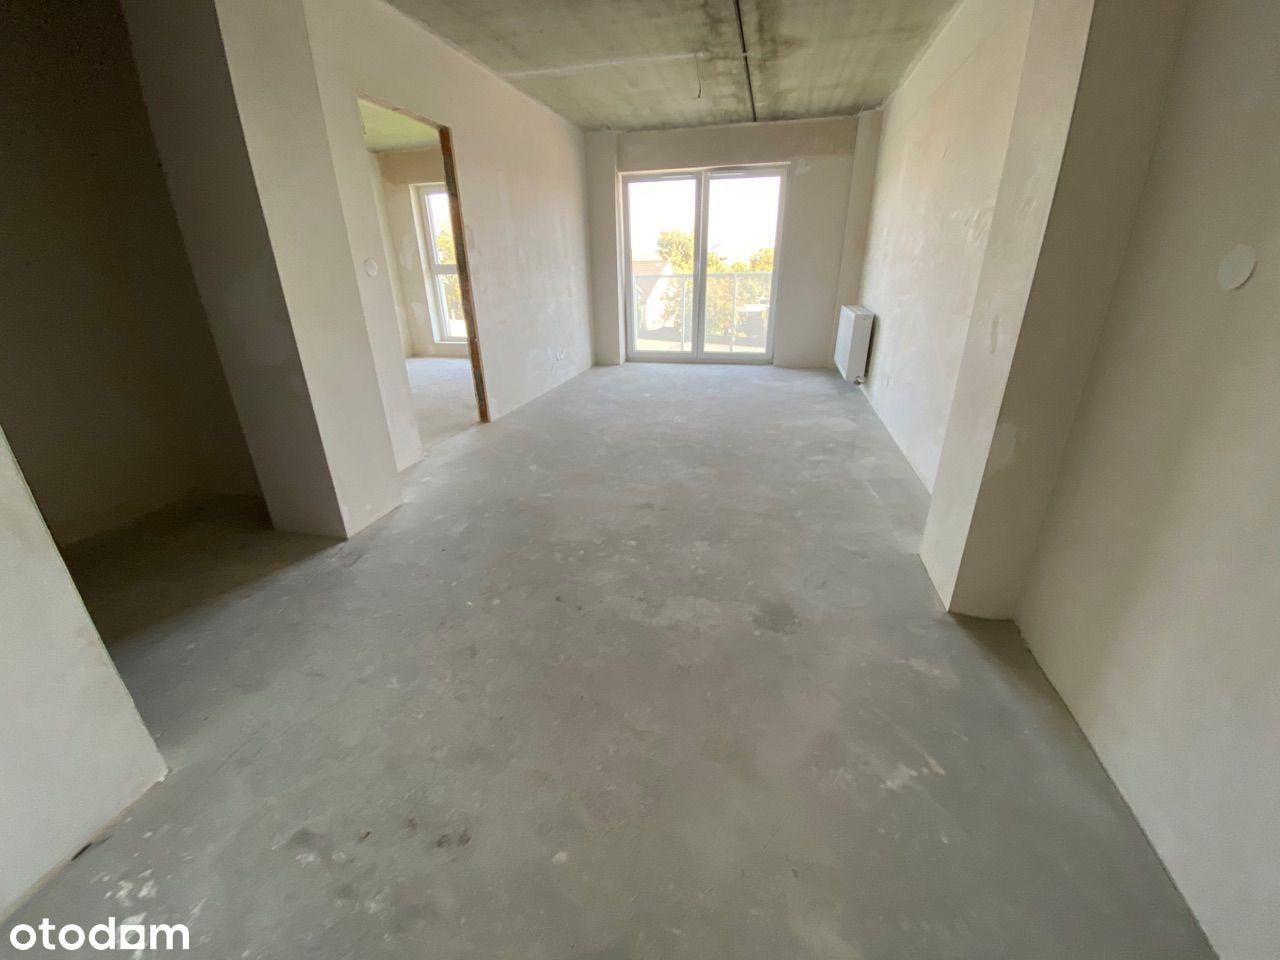 Mieszkanie 2 pokojowe Zabłocie